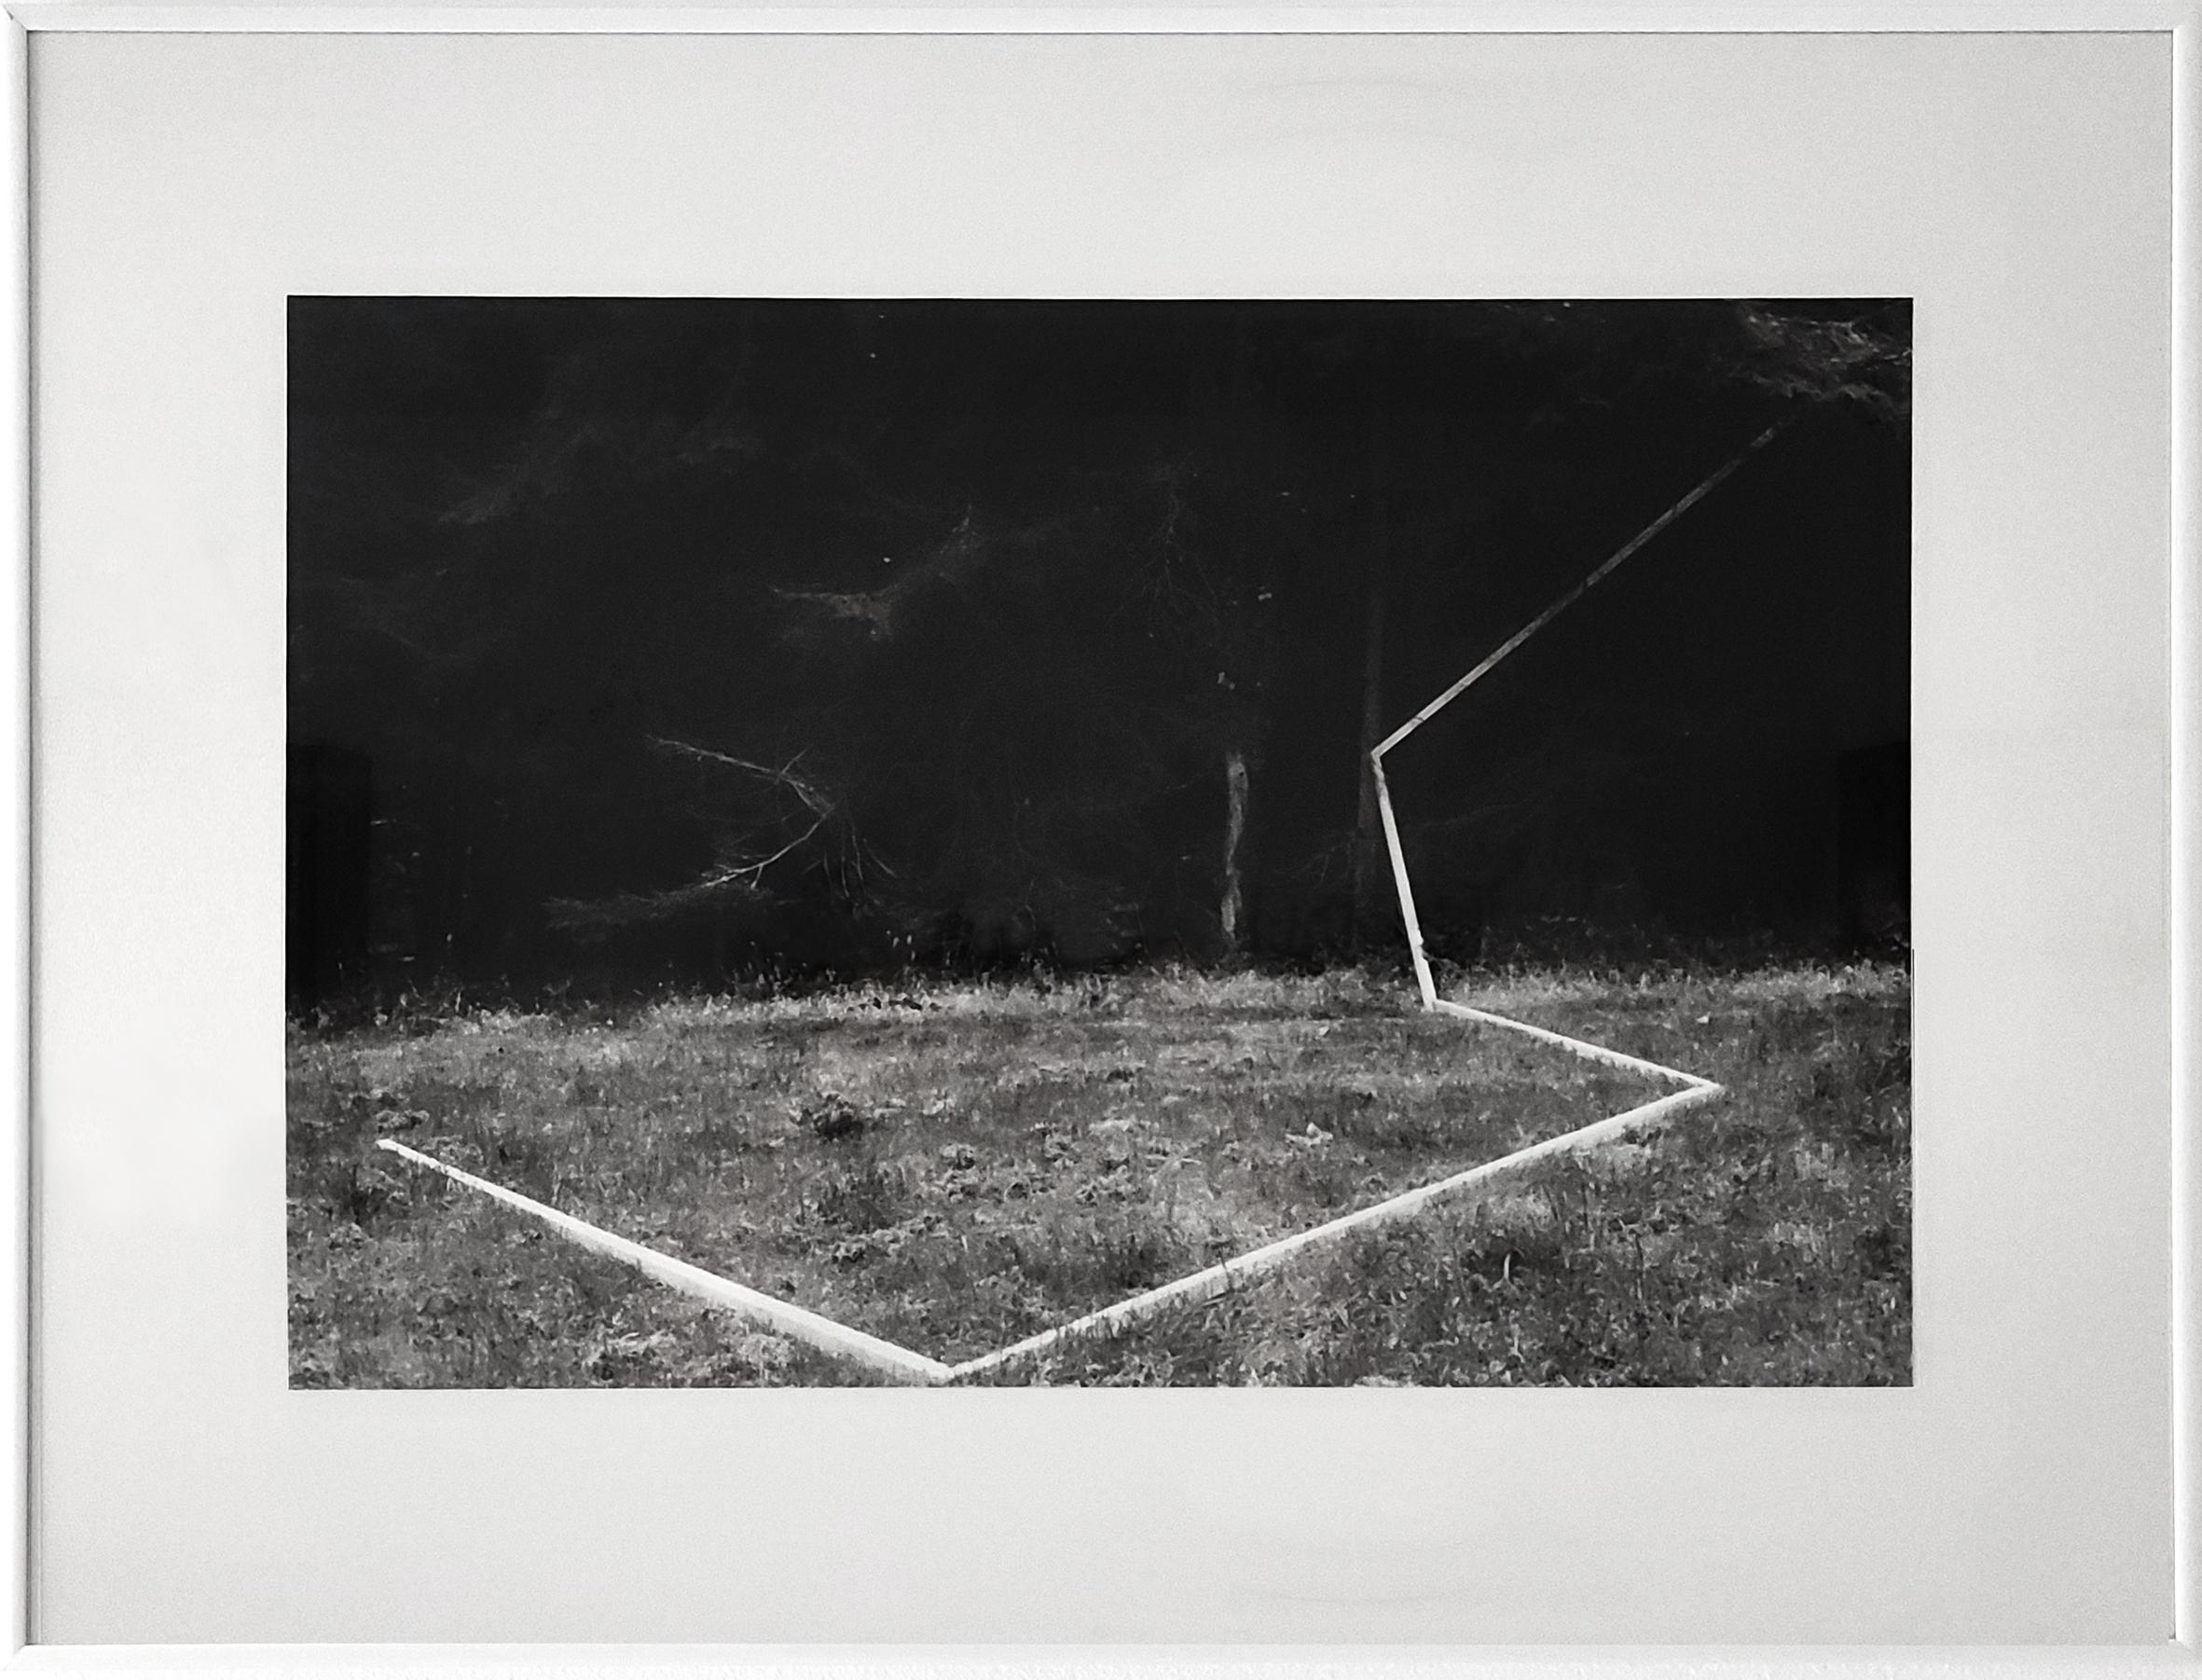 Diet Sayler, Waldraum II., 1980, Installation, Odenwald, Fotografie, 40x60cm | 62x81cm, Edition 1:7